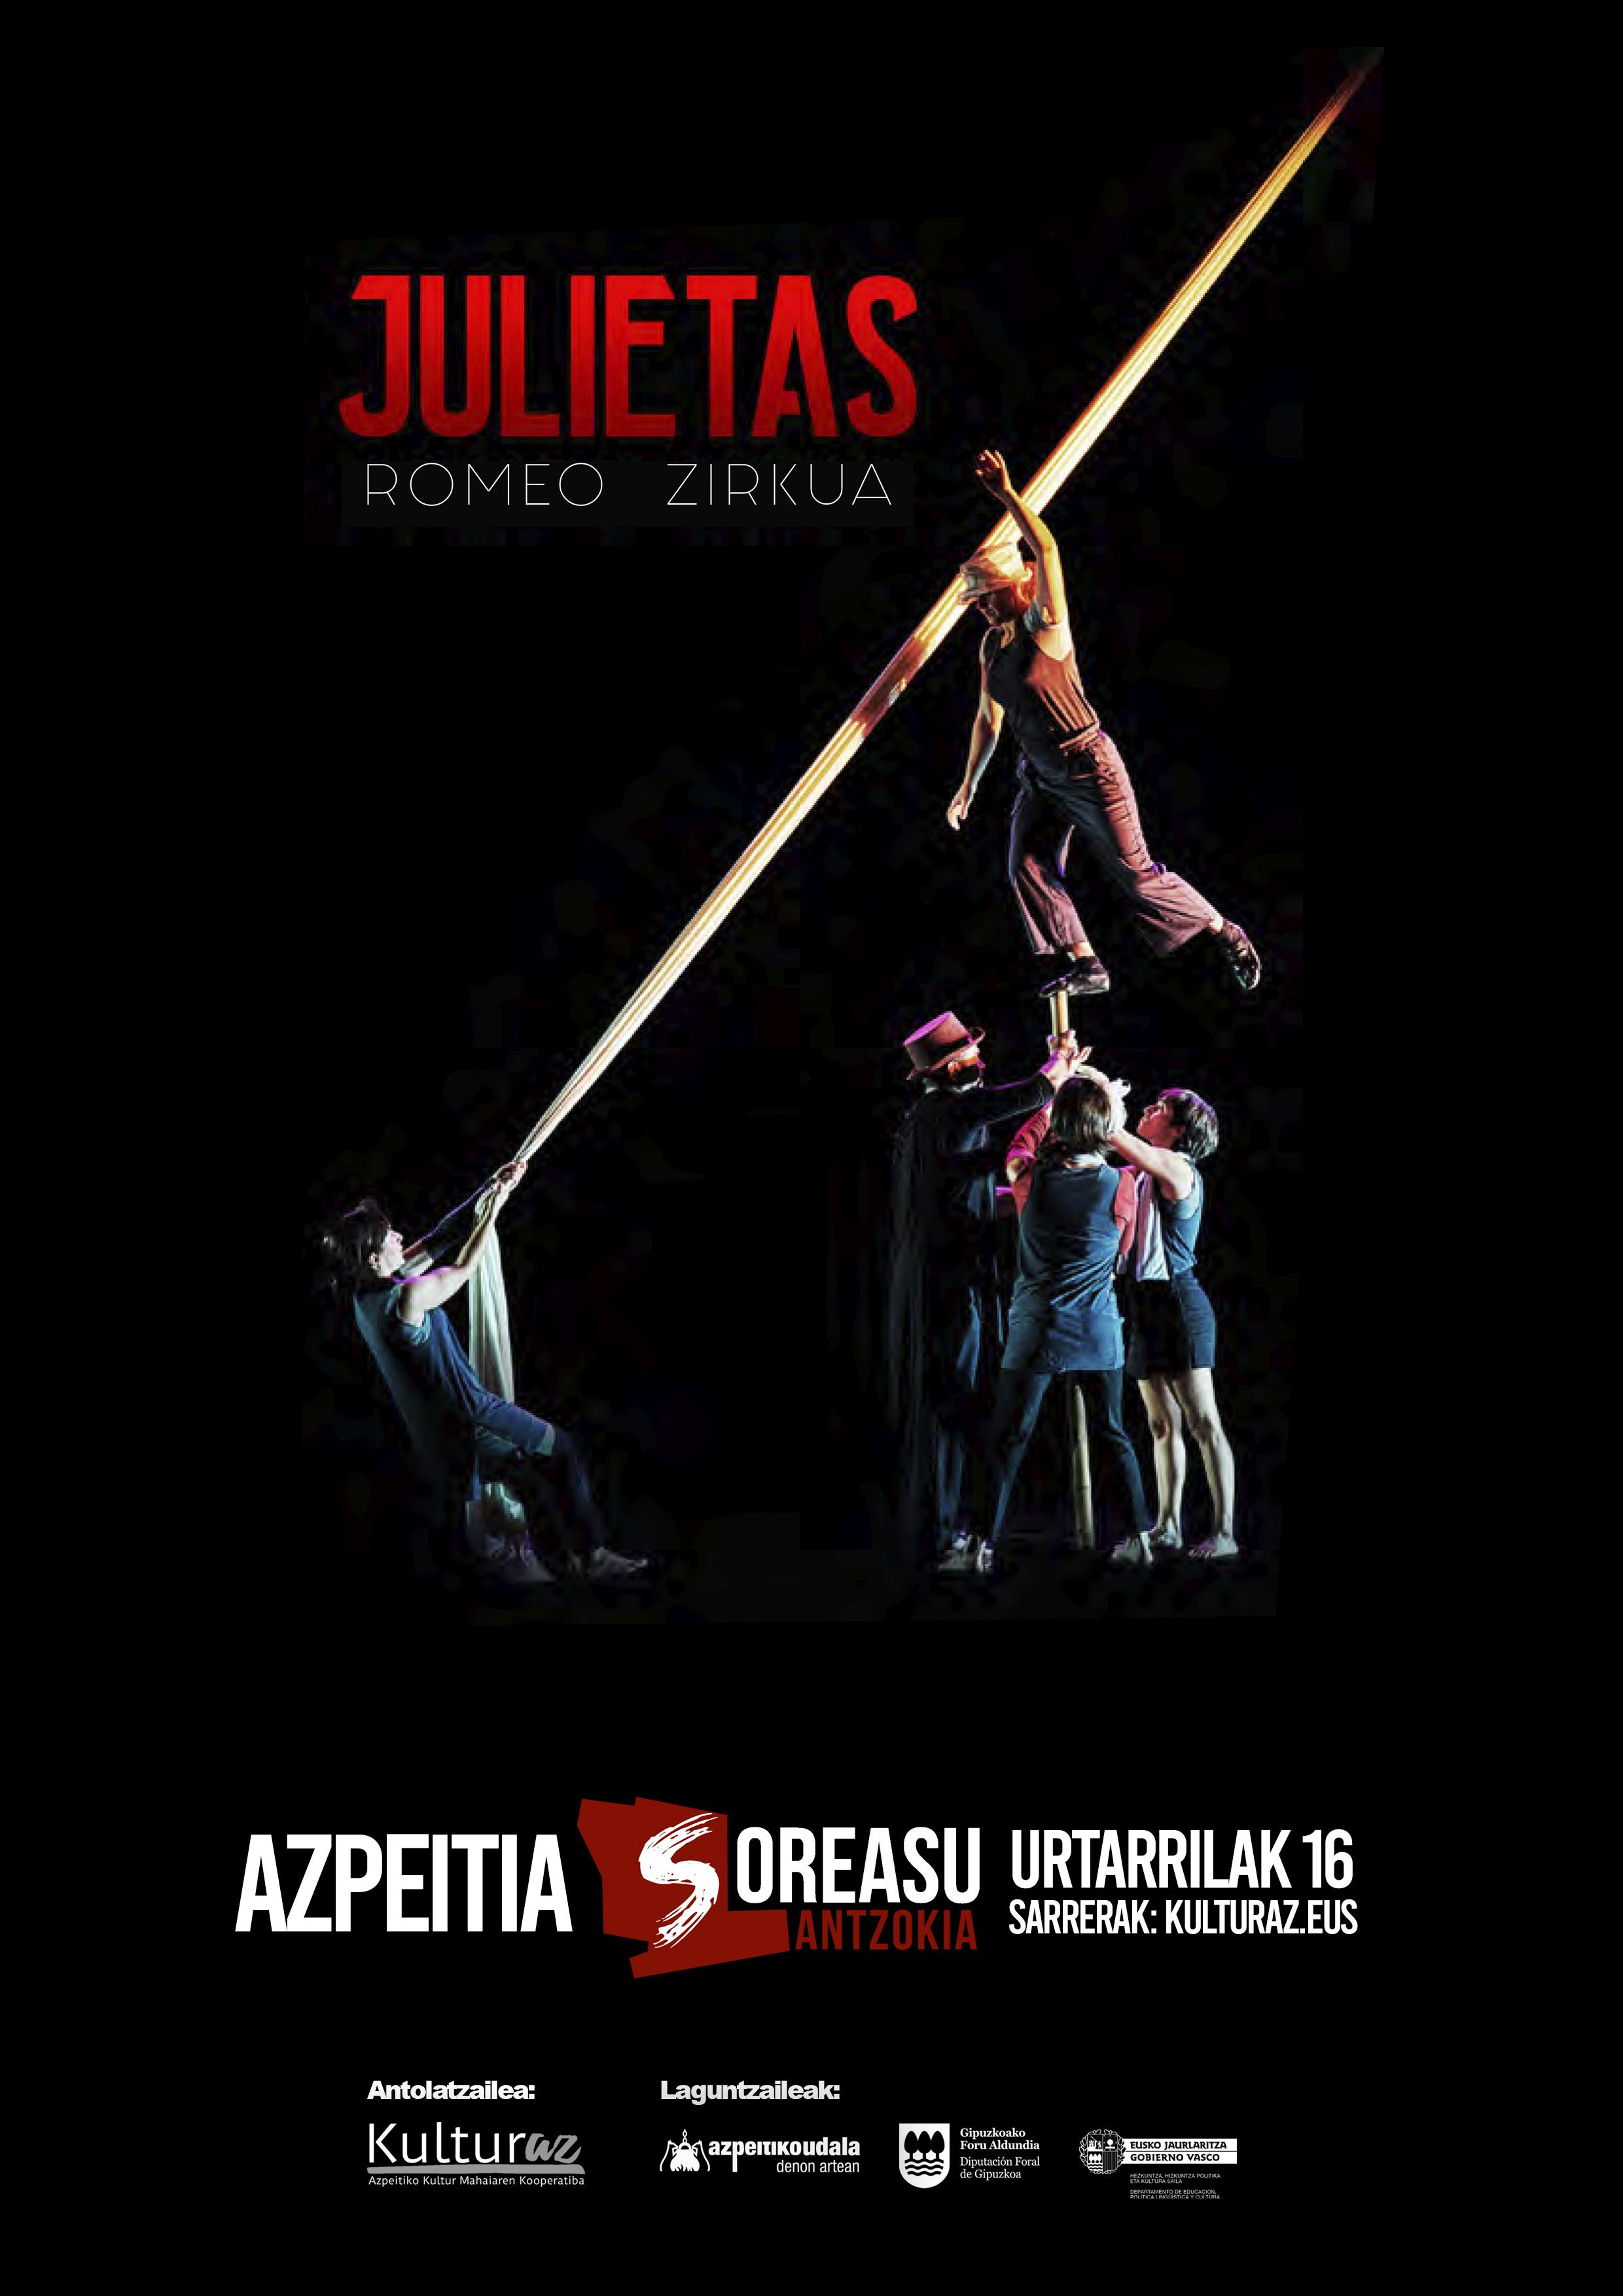 'Julietas. Romeo zirkua'